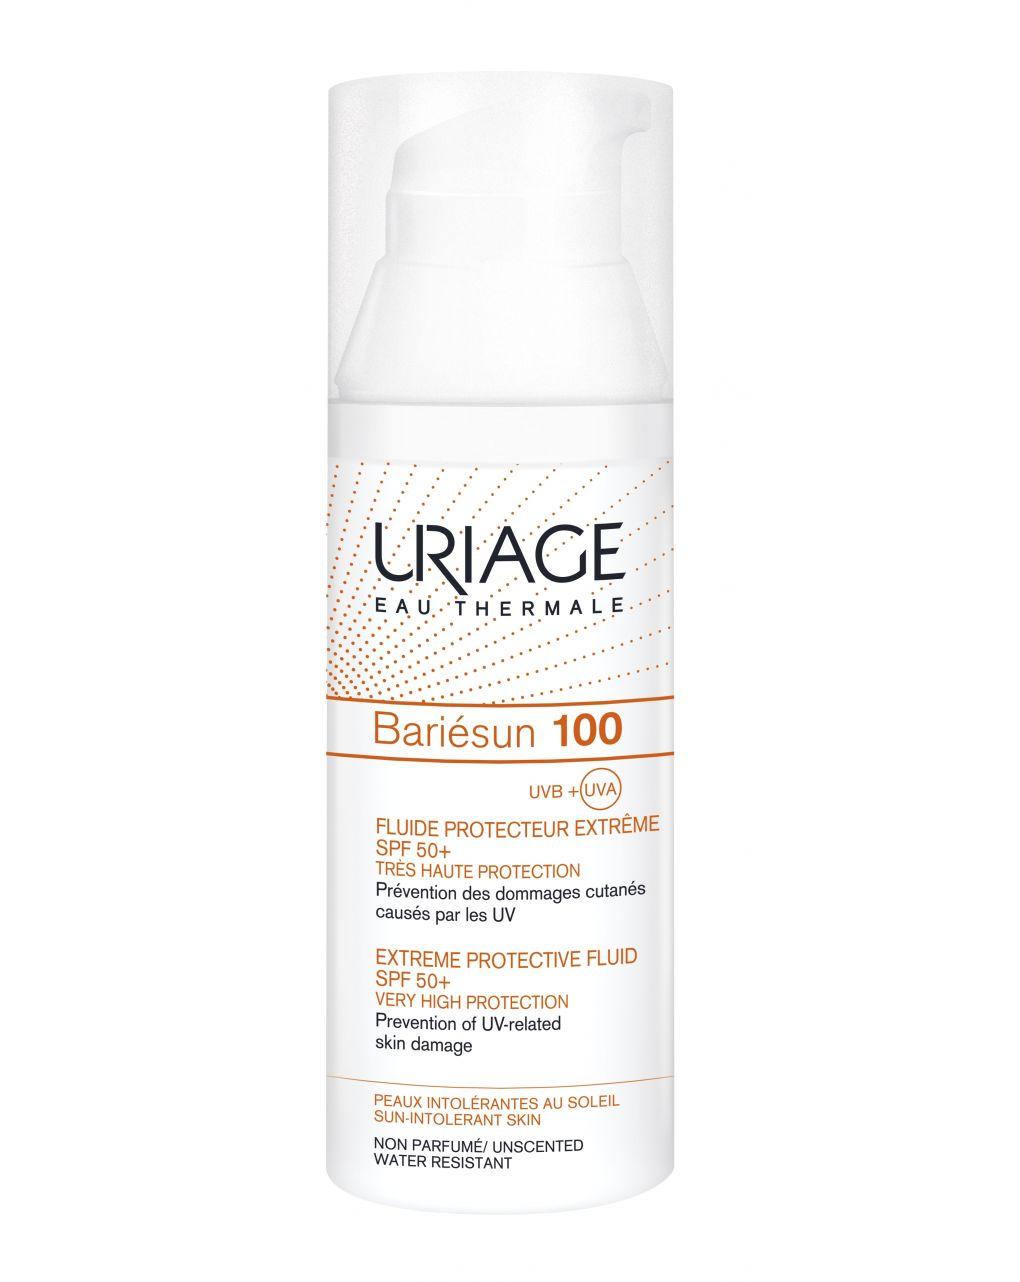 Bariesun 100 fluido protettivo estremo spf50+ - Uriage